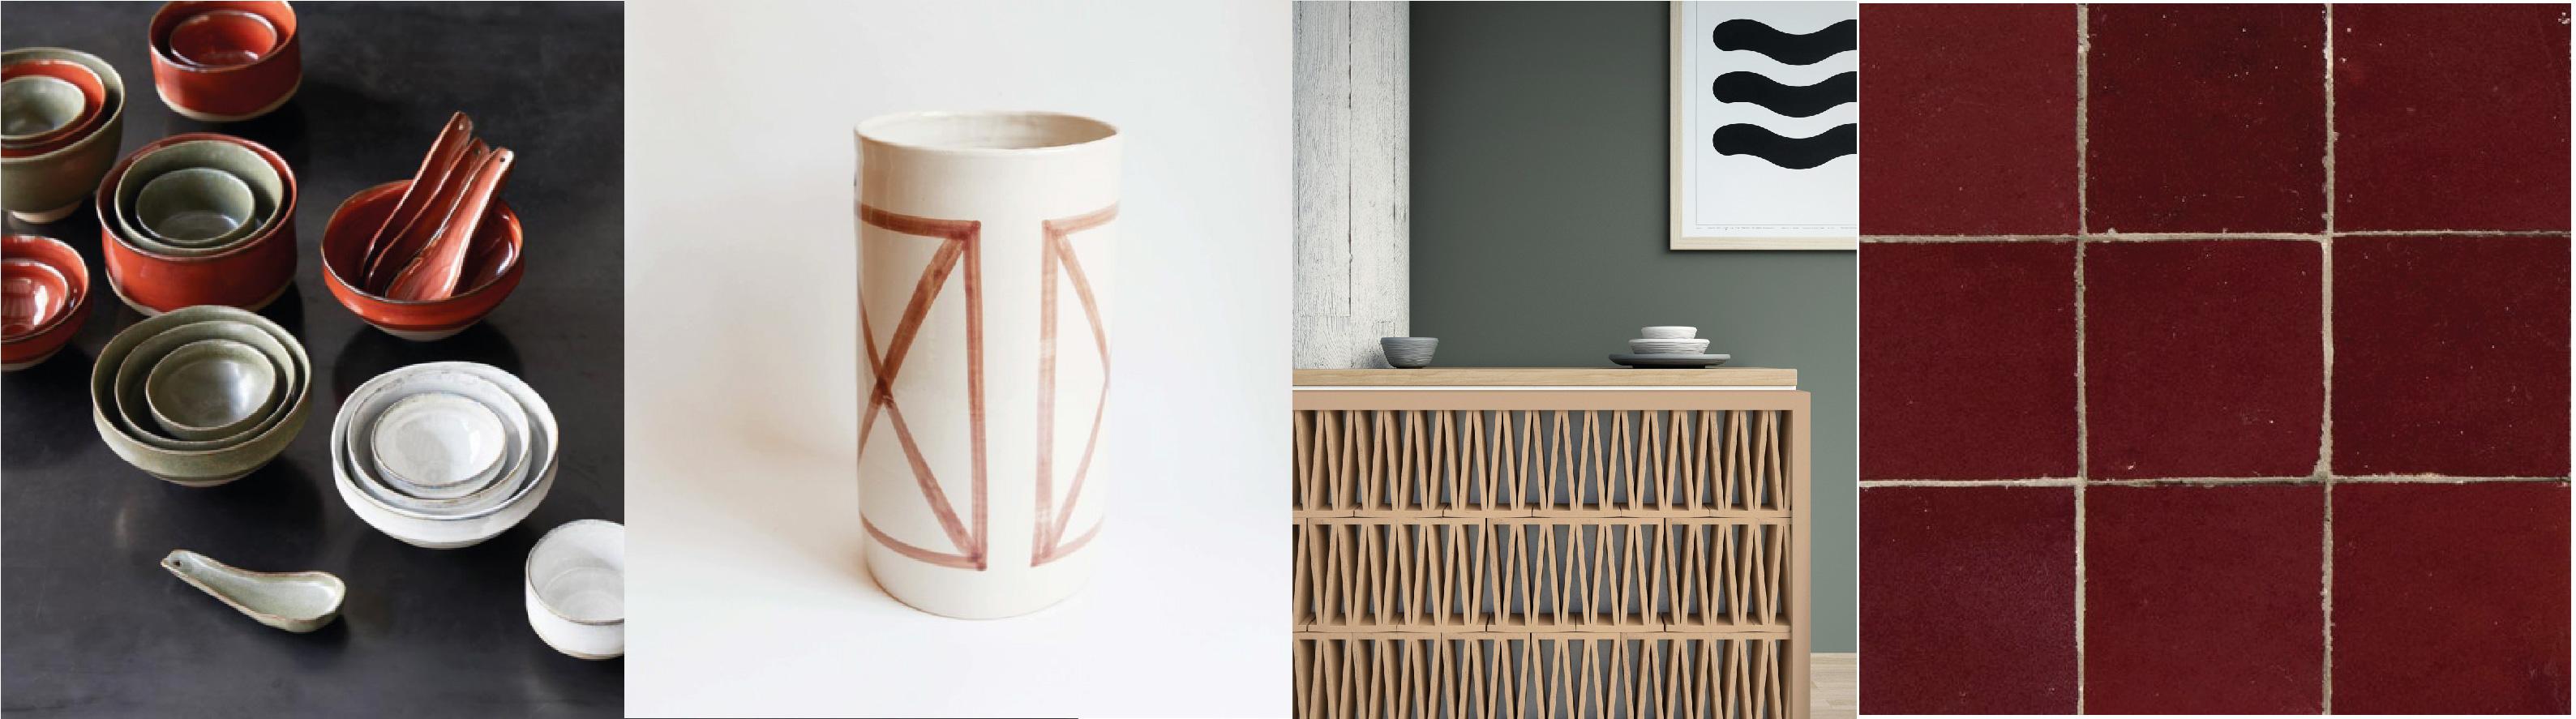 Vaisselle Merci par Serax / Vase par Datcha / Celosia par Mutina / Les ateliers Zelij